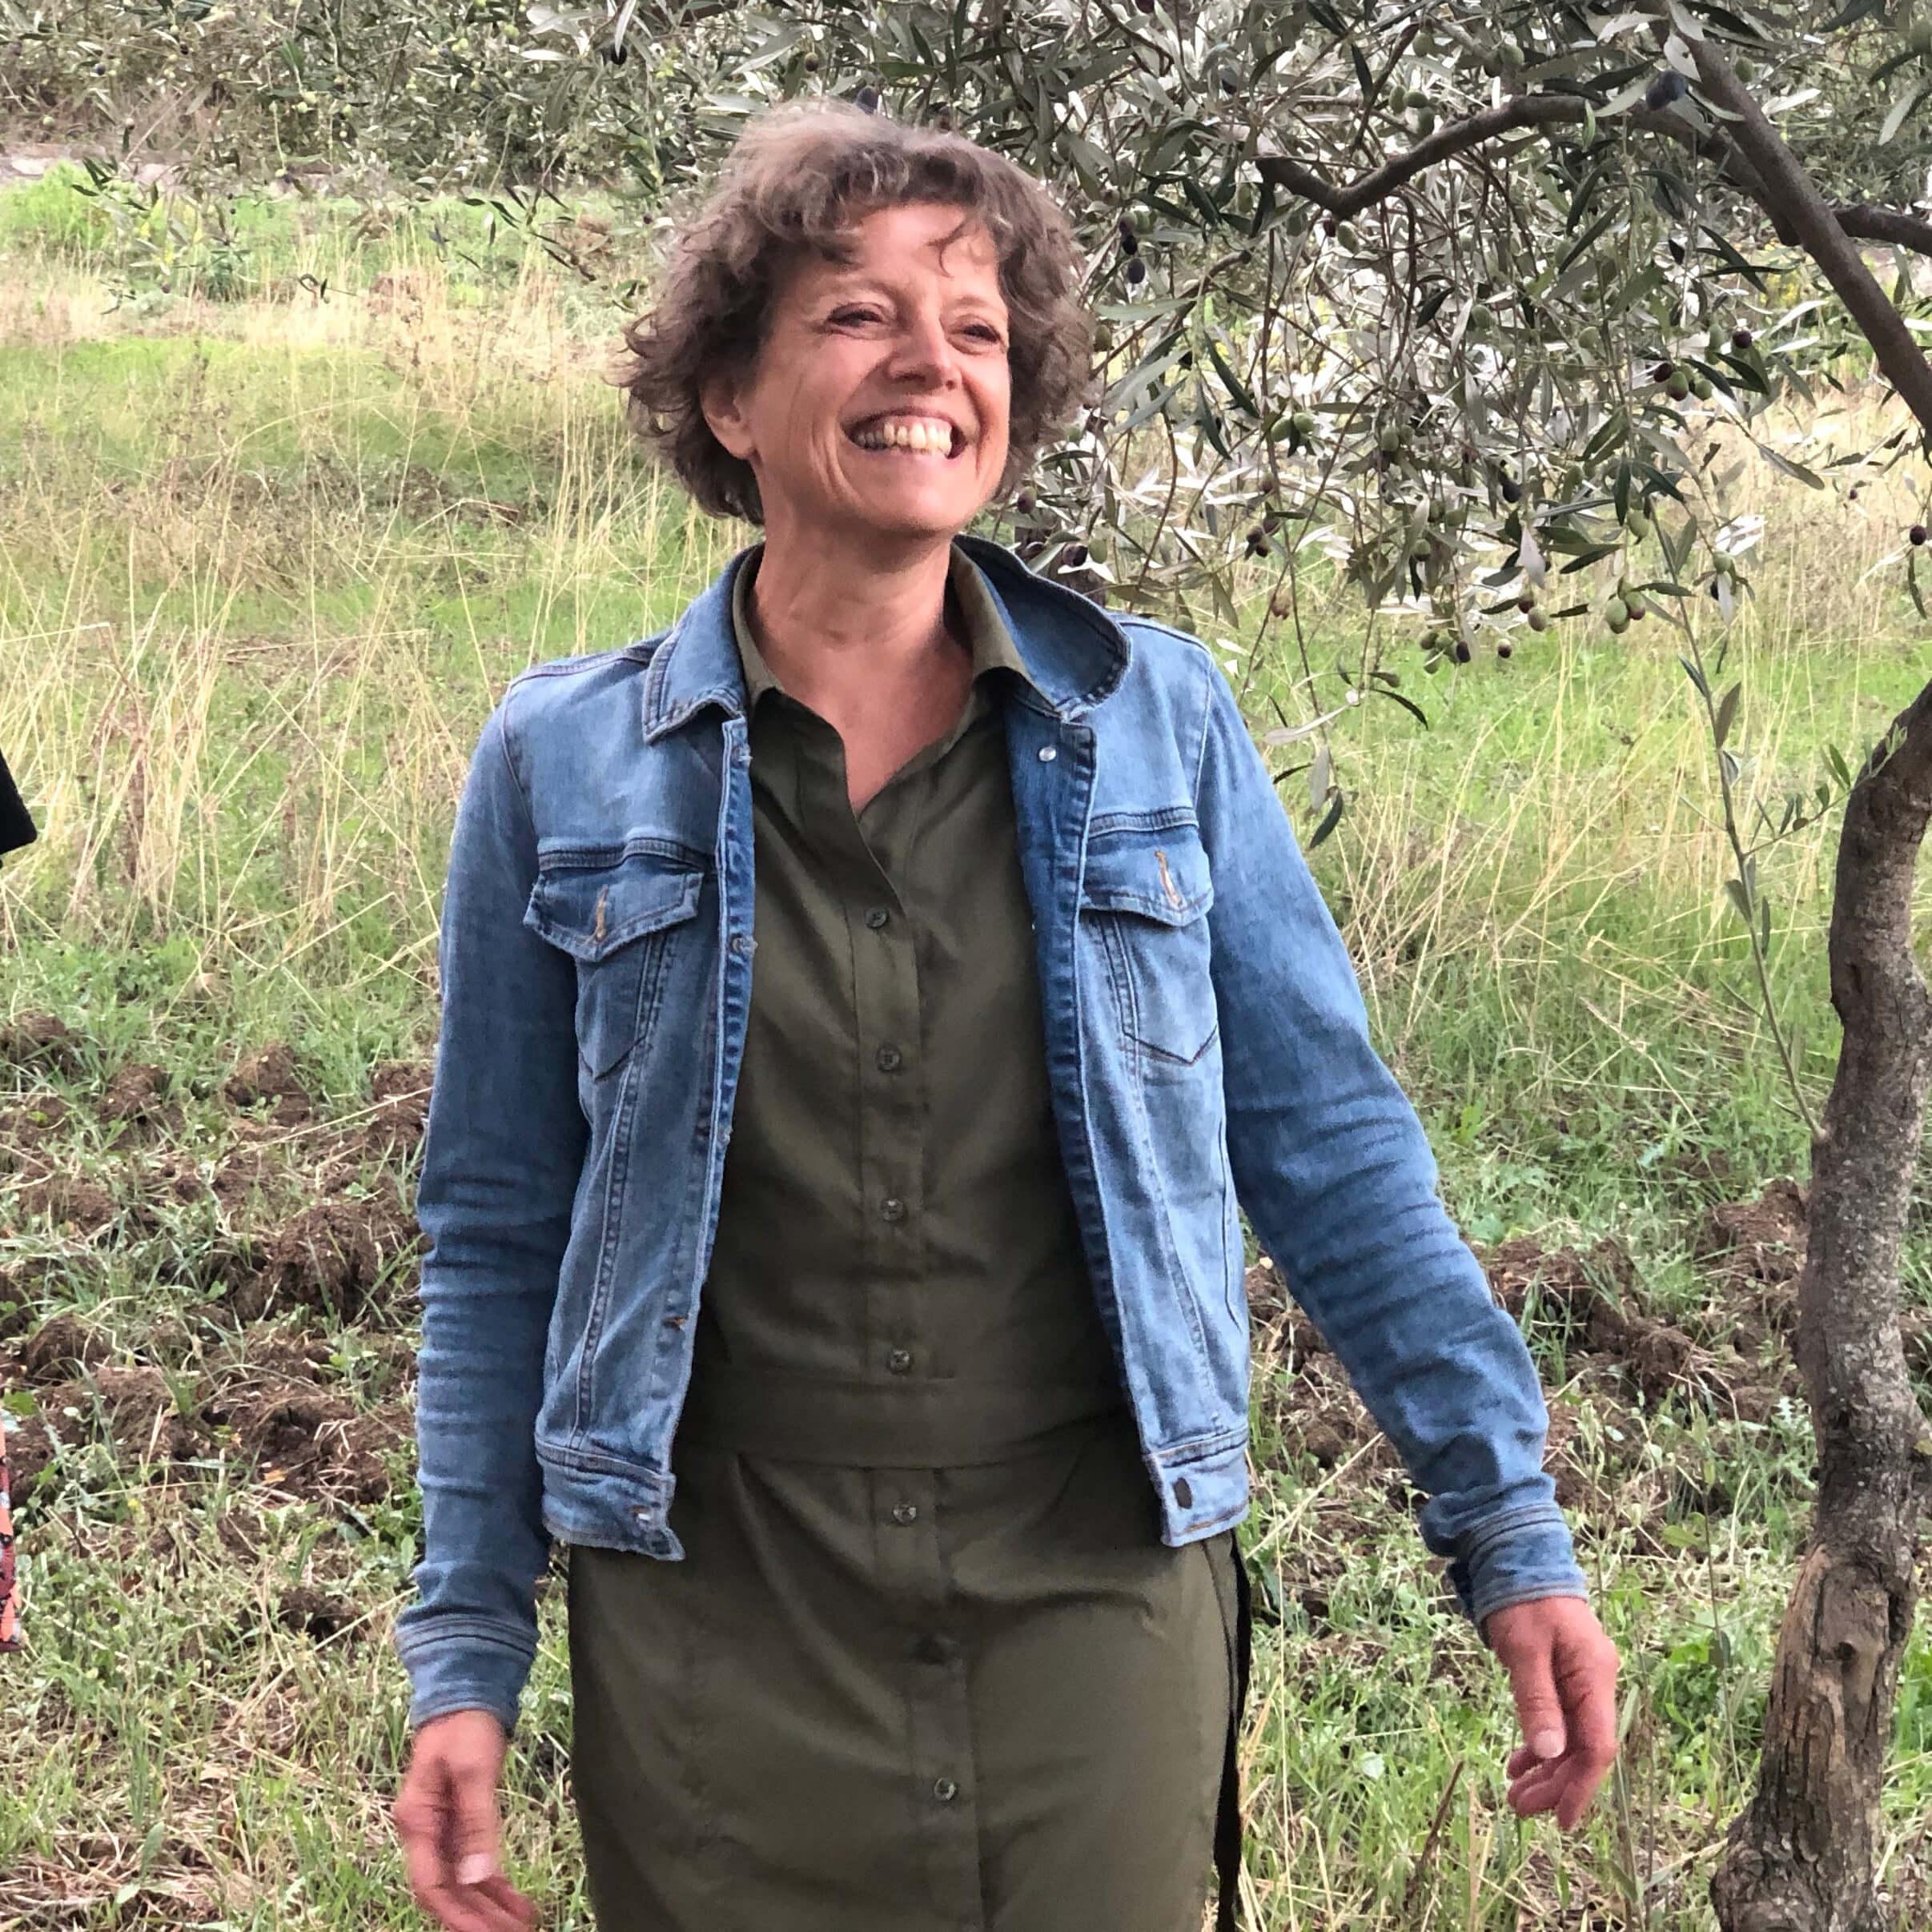 Ariadne Veenhuizen